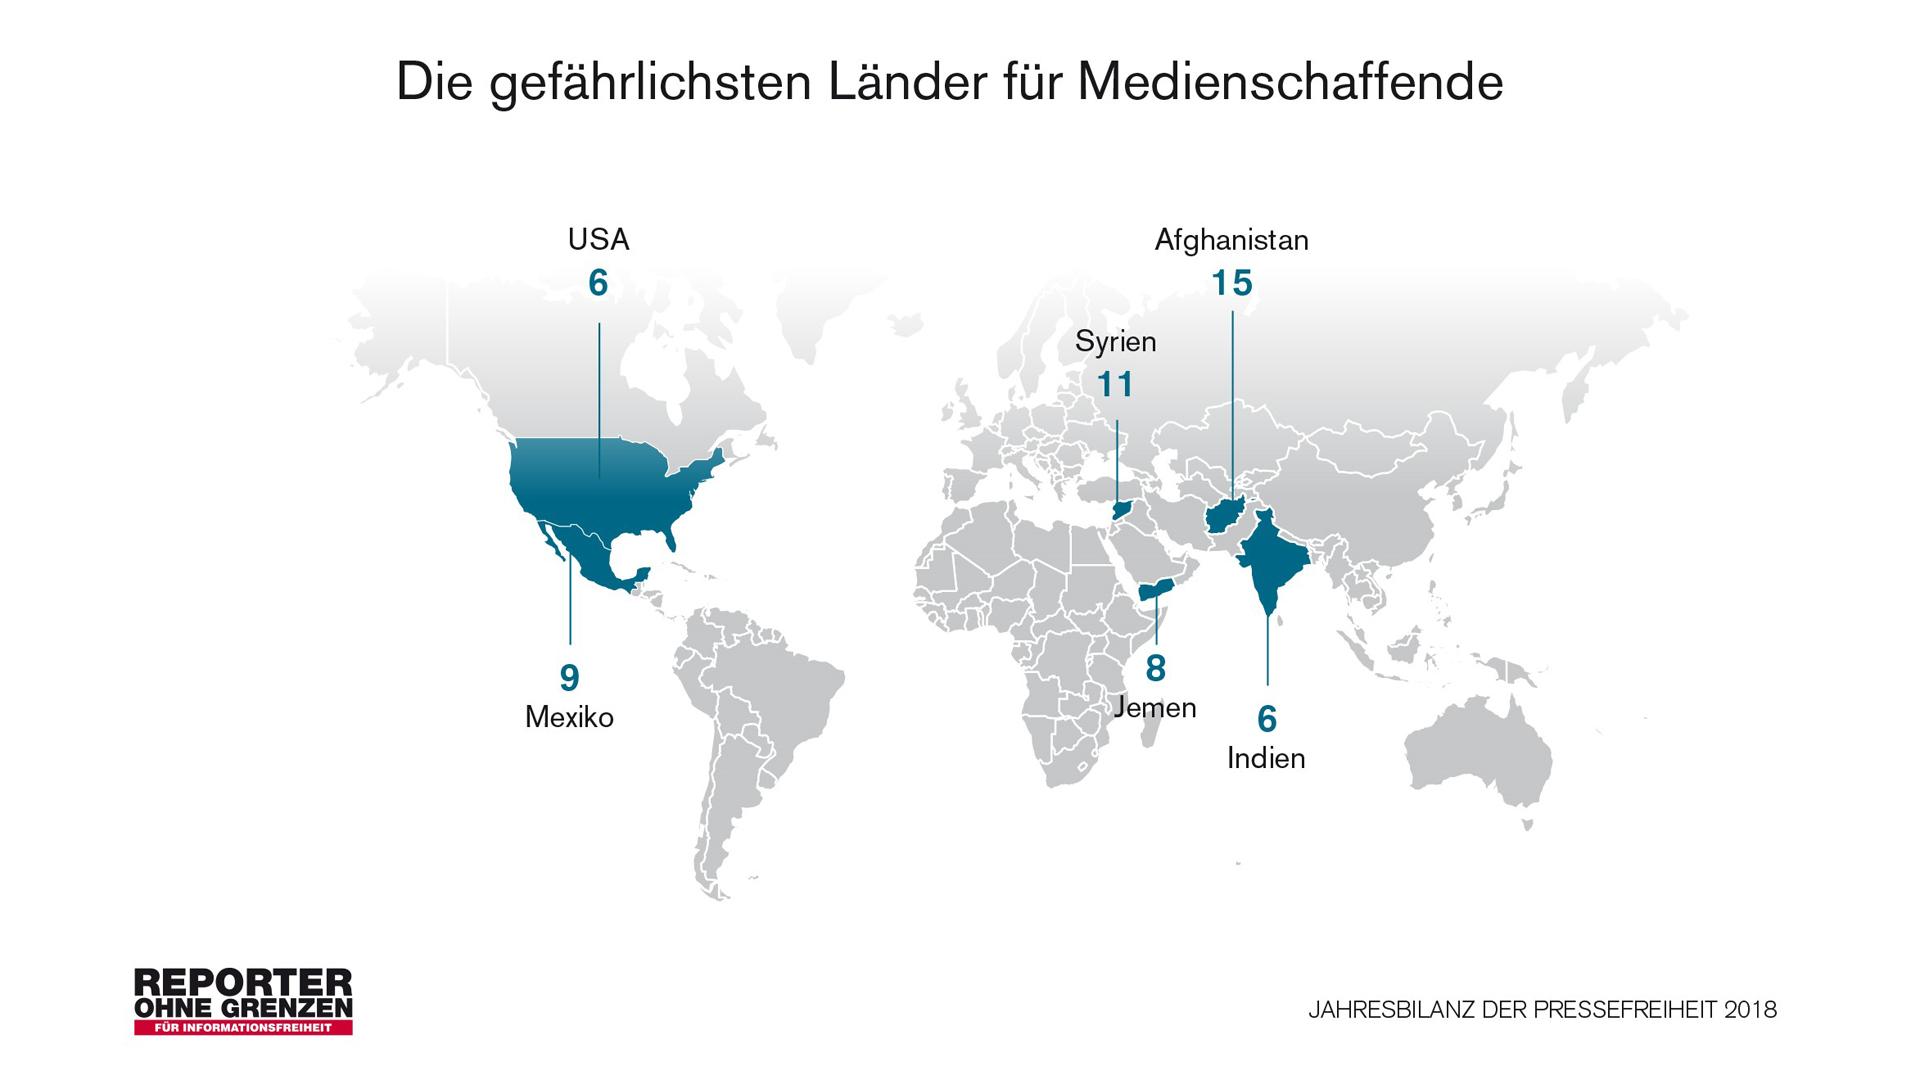 In diesen Ländern wurden die meisten Medienschaffenden Opfer tödlicher Gewalt